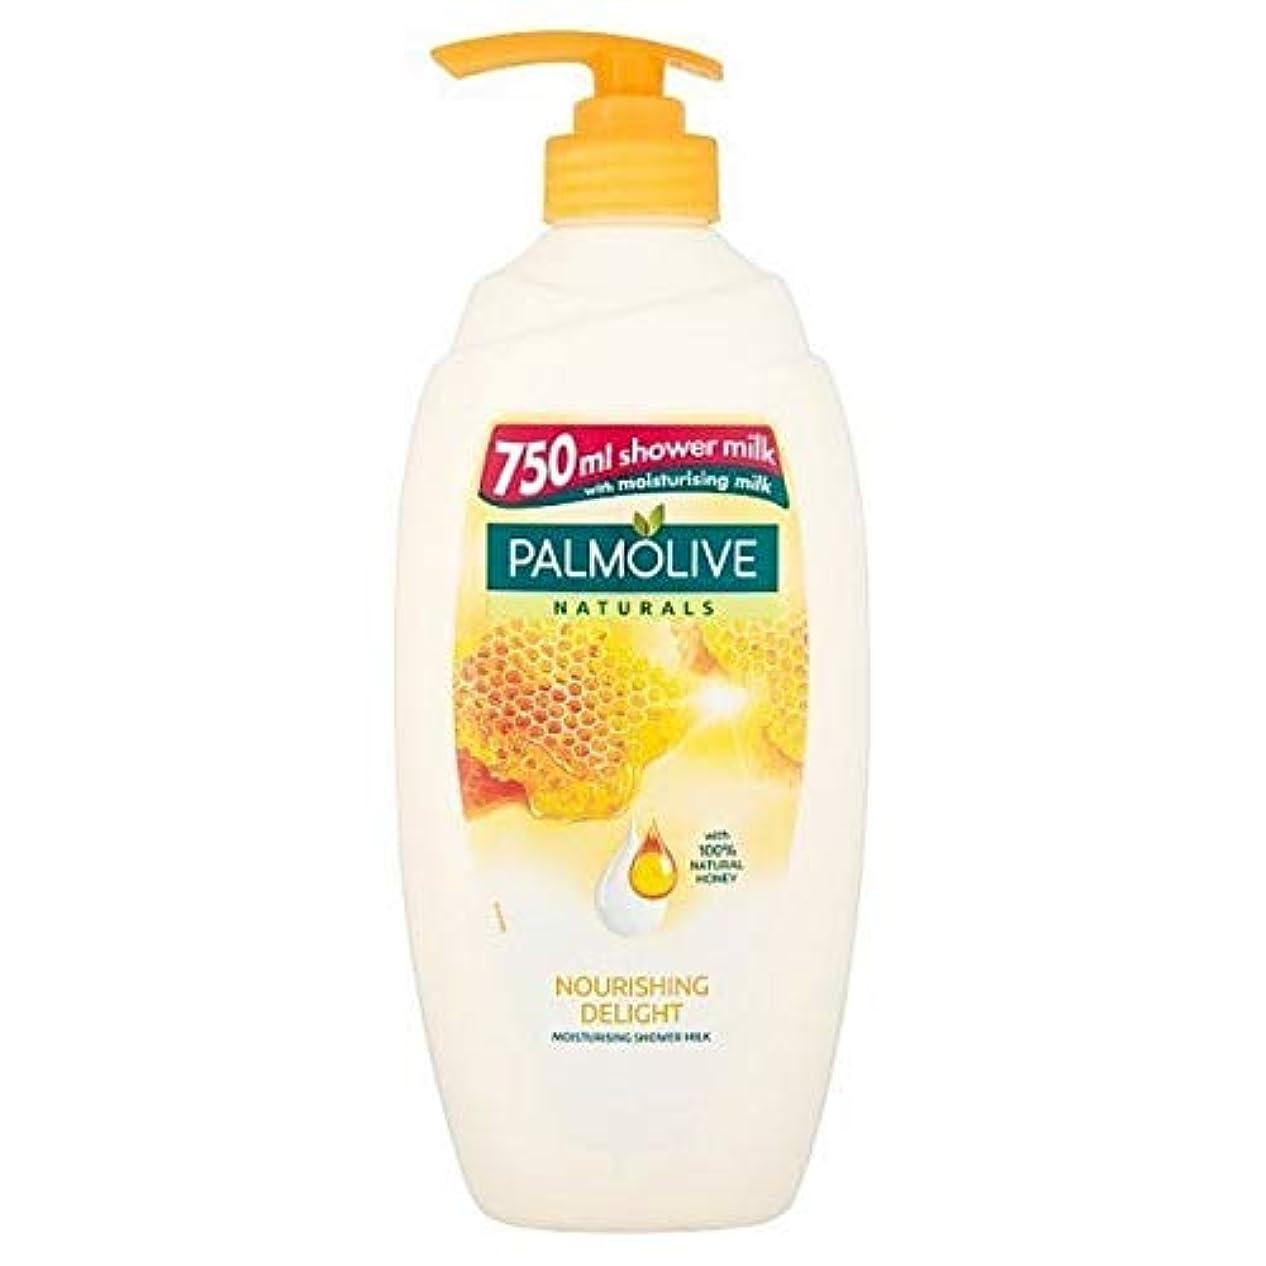 和らげる振り返るインタフェース[Palmolive ] パルモライブナチュラルミルク&ハニーシャワージェルクリーム750ミリリットル - Palmolive Naturals Milk & Honey Shower Gel Cream 750ml [並行輸入品]